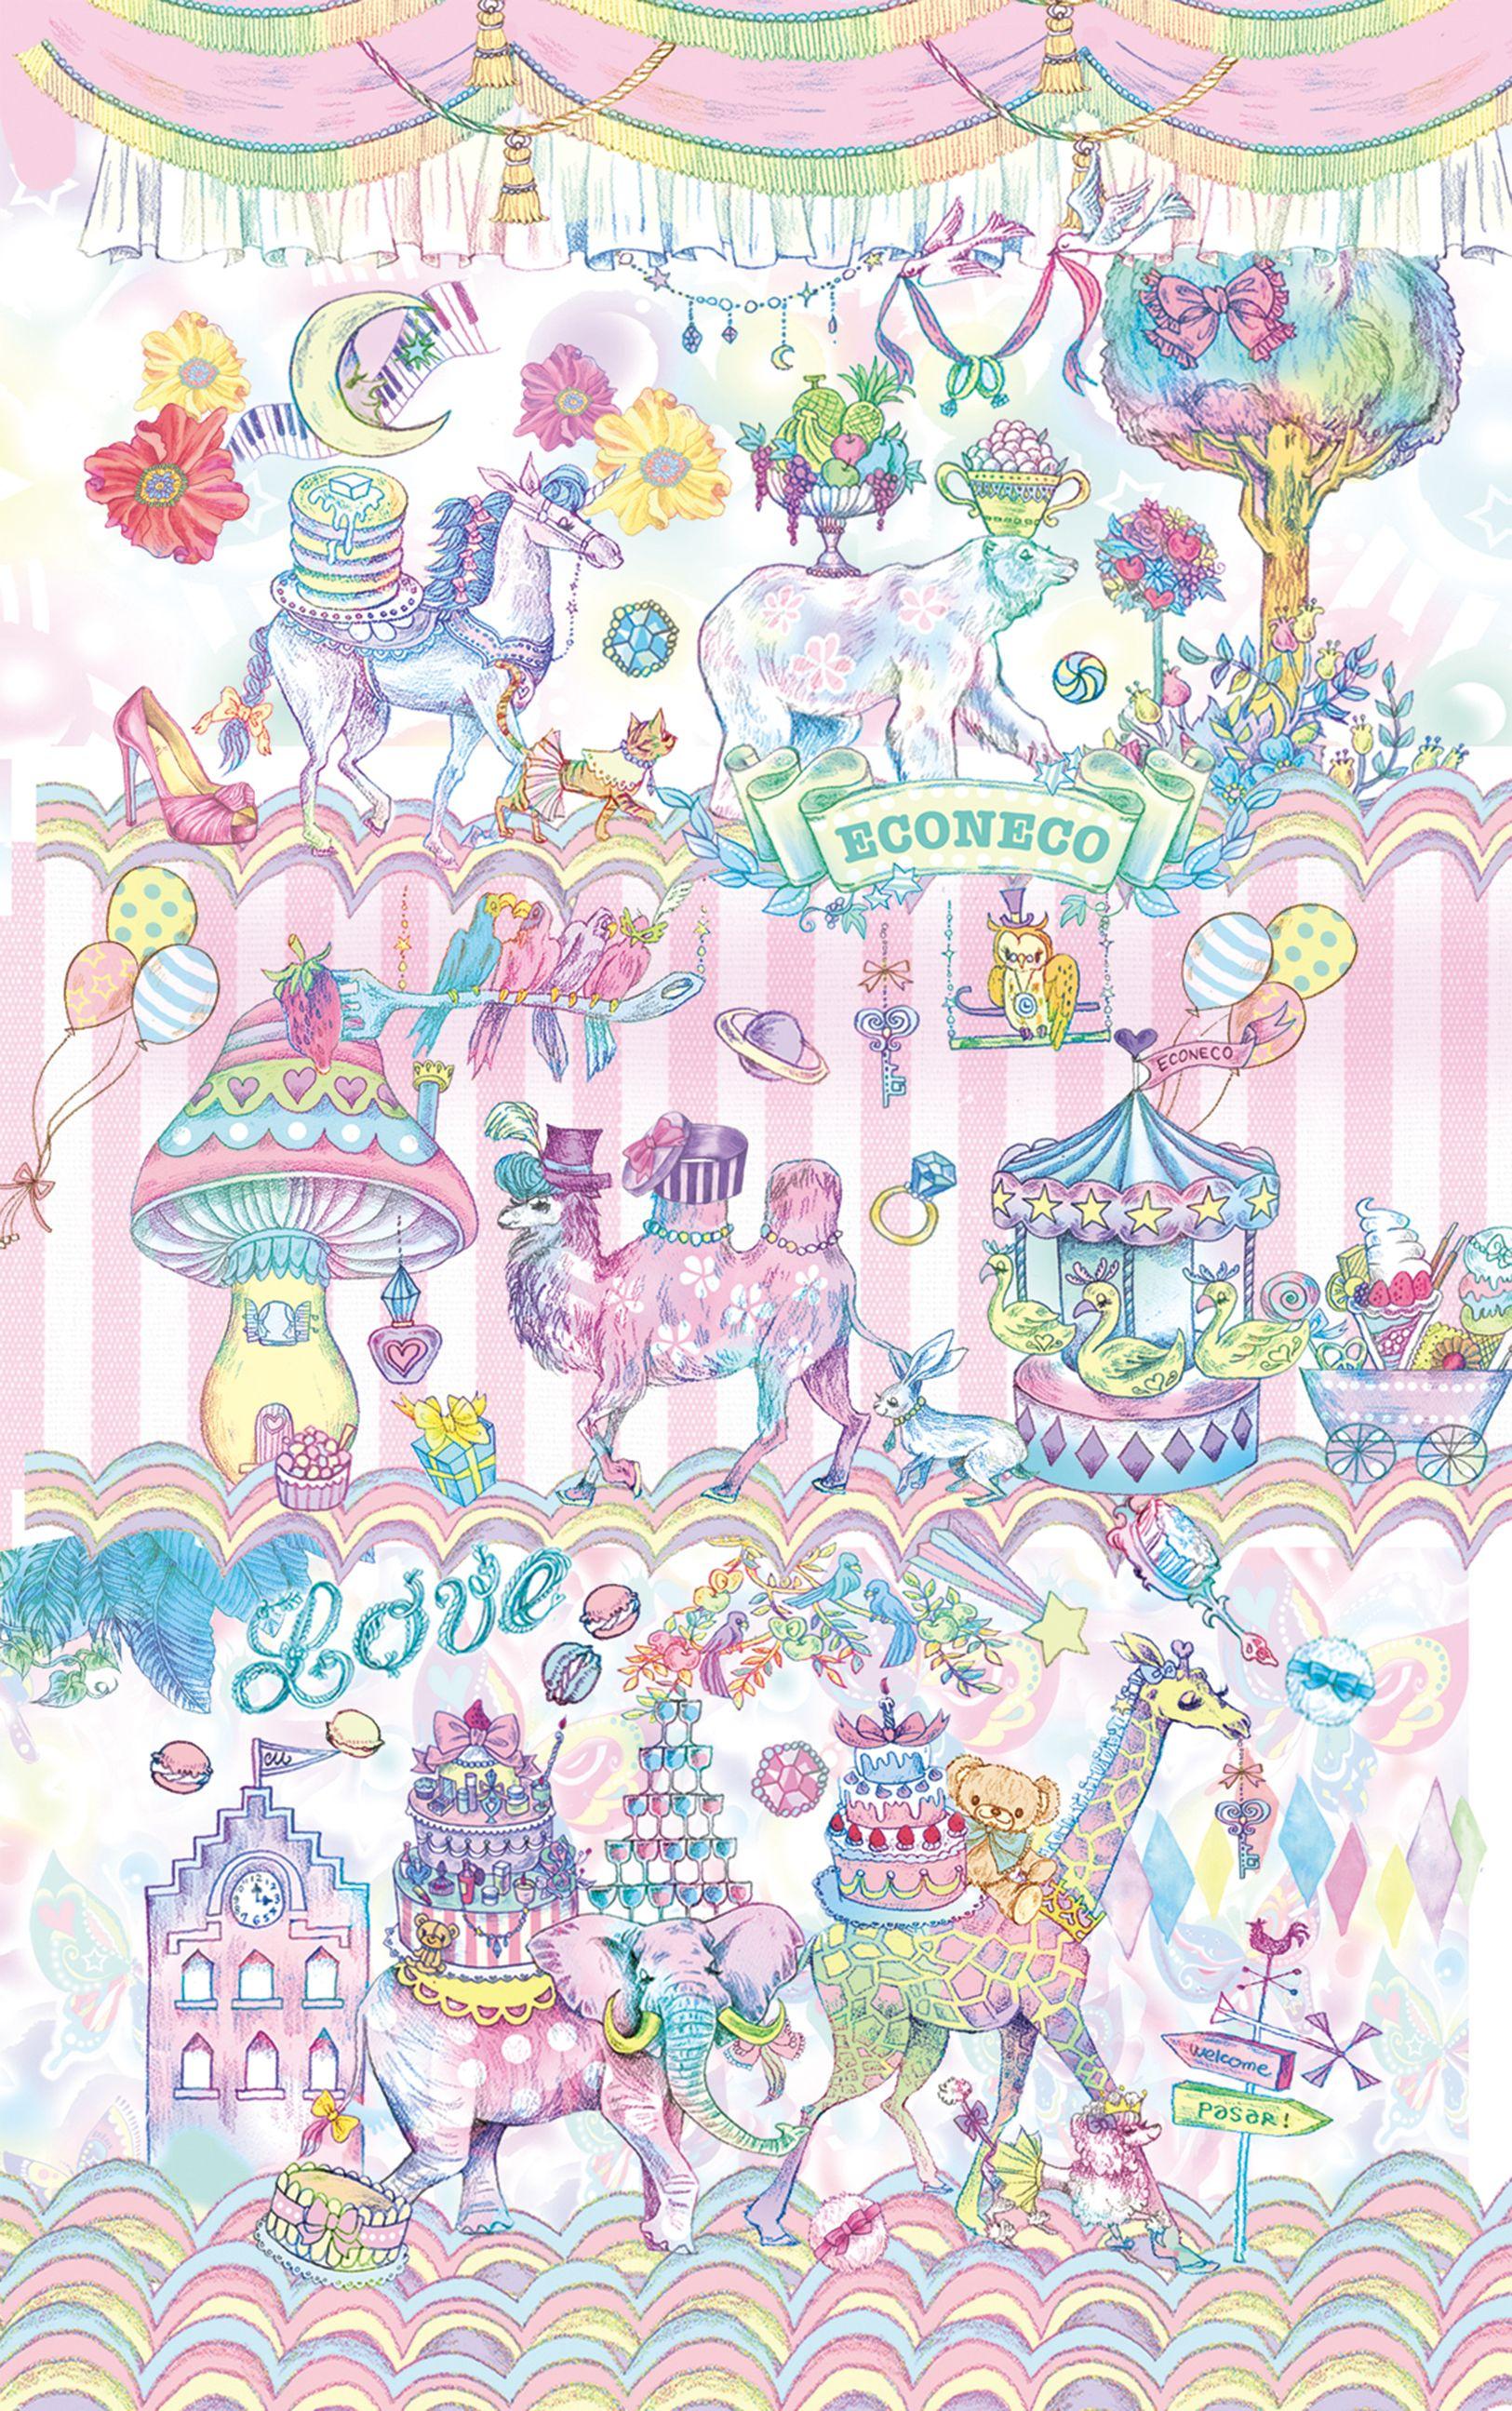 2018 年の carnival 可愛い系 pinterest wallpaper carnival